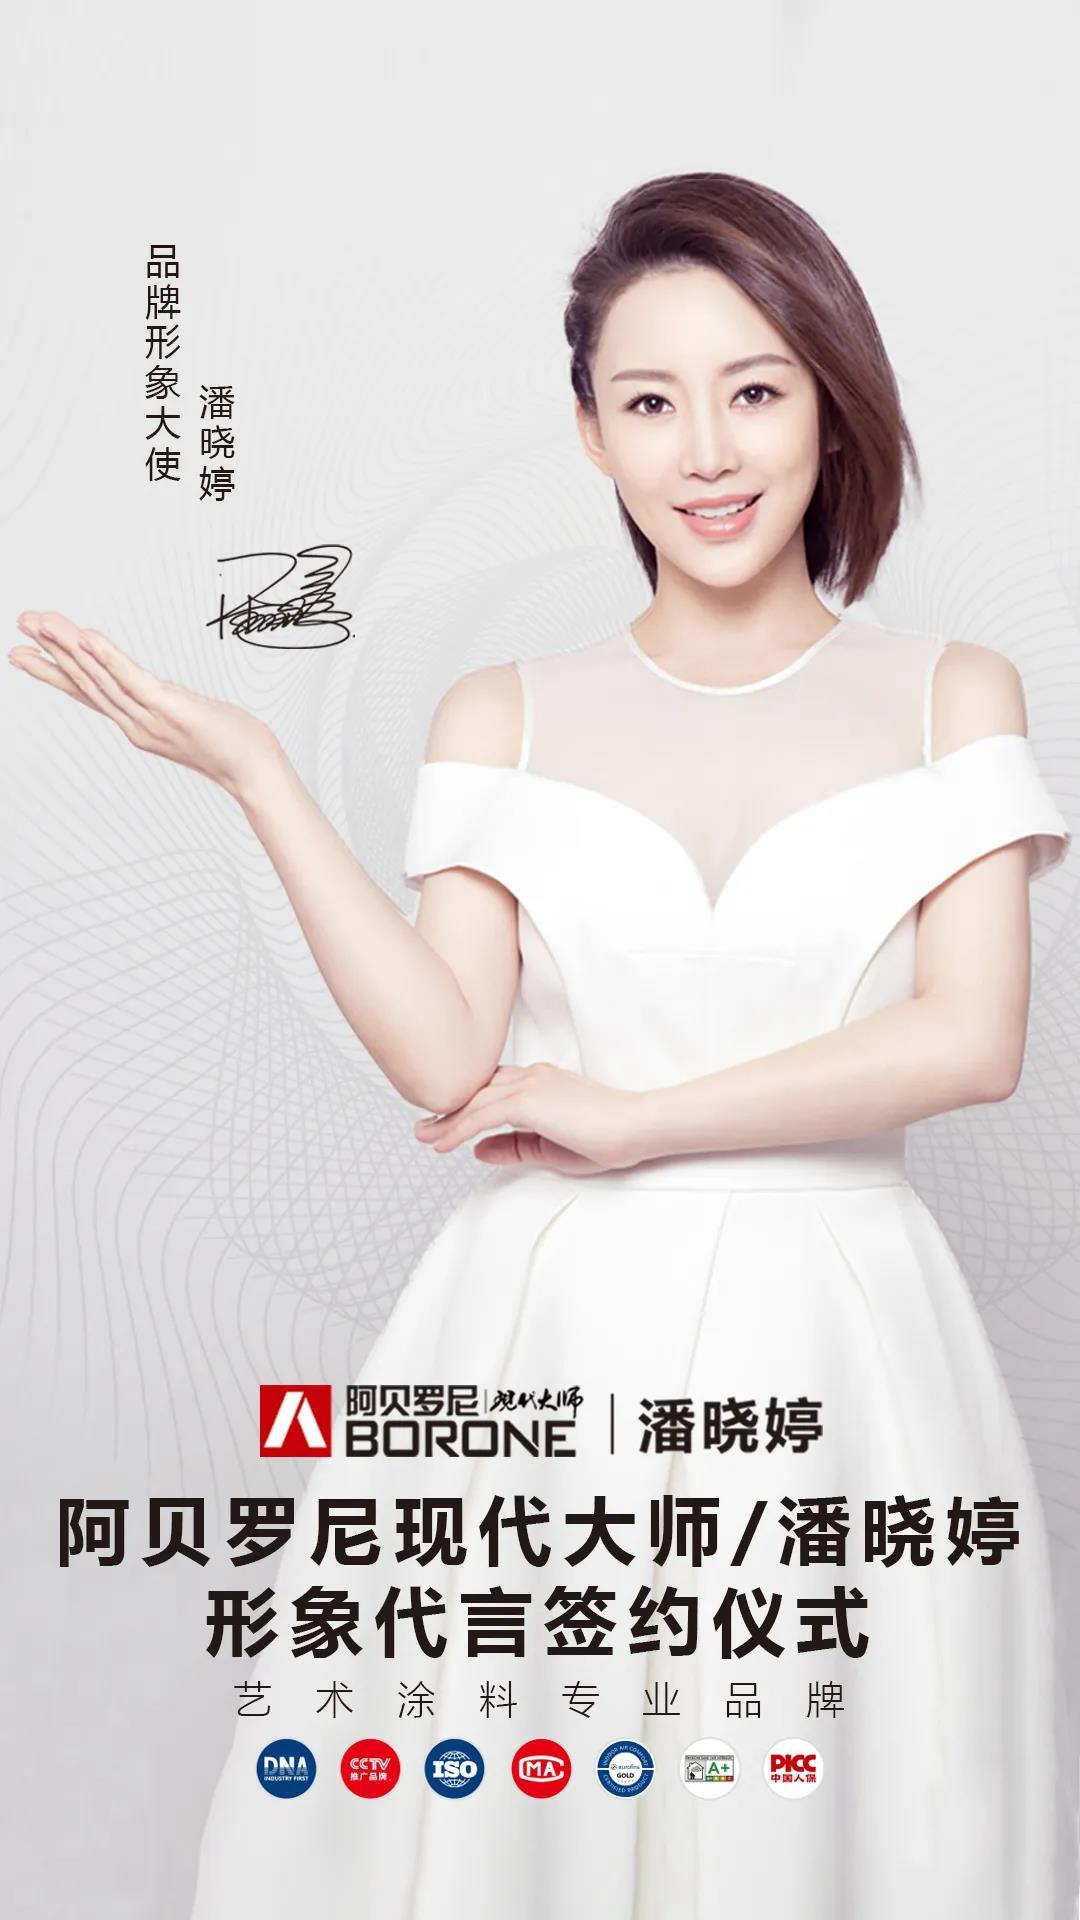 冠军品质丨九球天后潘晓婷正式成为阿贝罗尼现代大师品牌形象大使